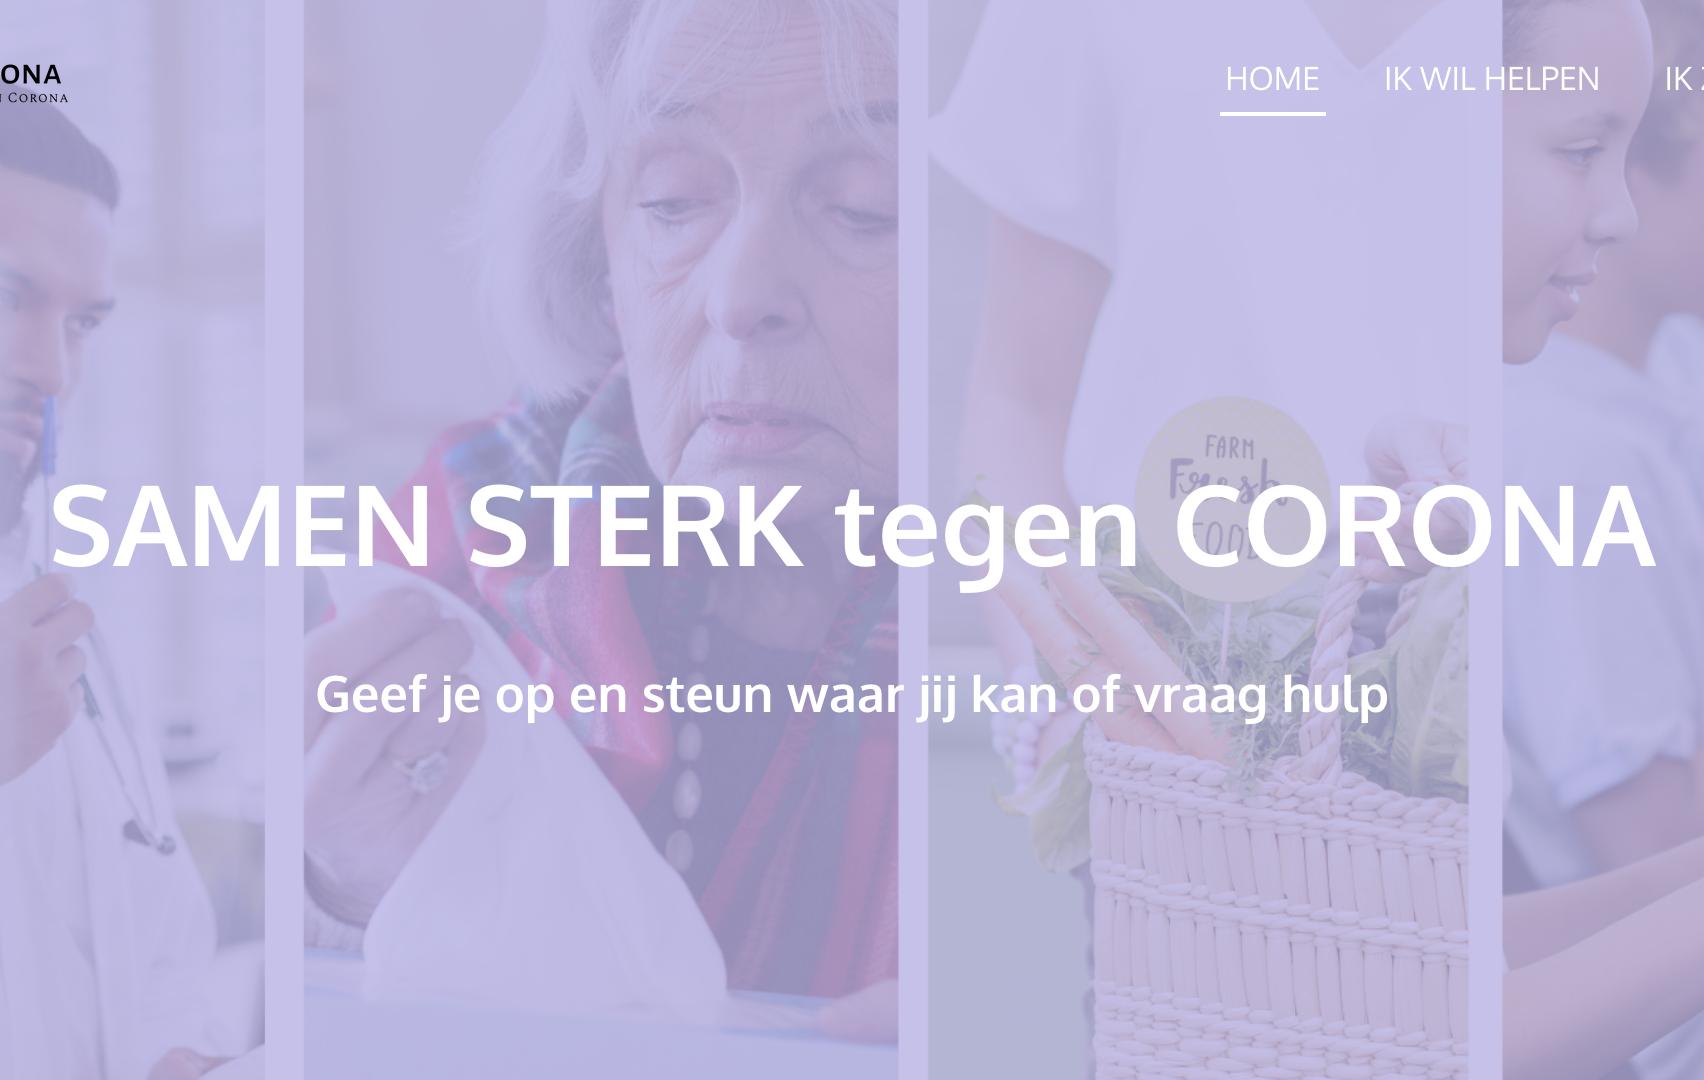 NLtegenCorona.nl – Een burger initiatief om ZELF te helpen in de zorg